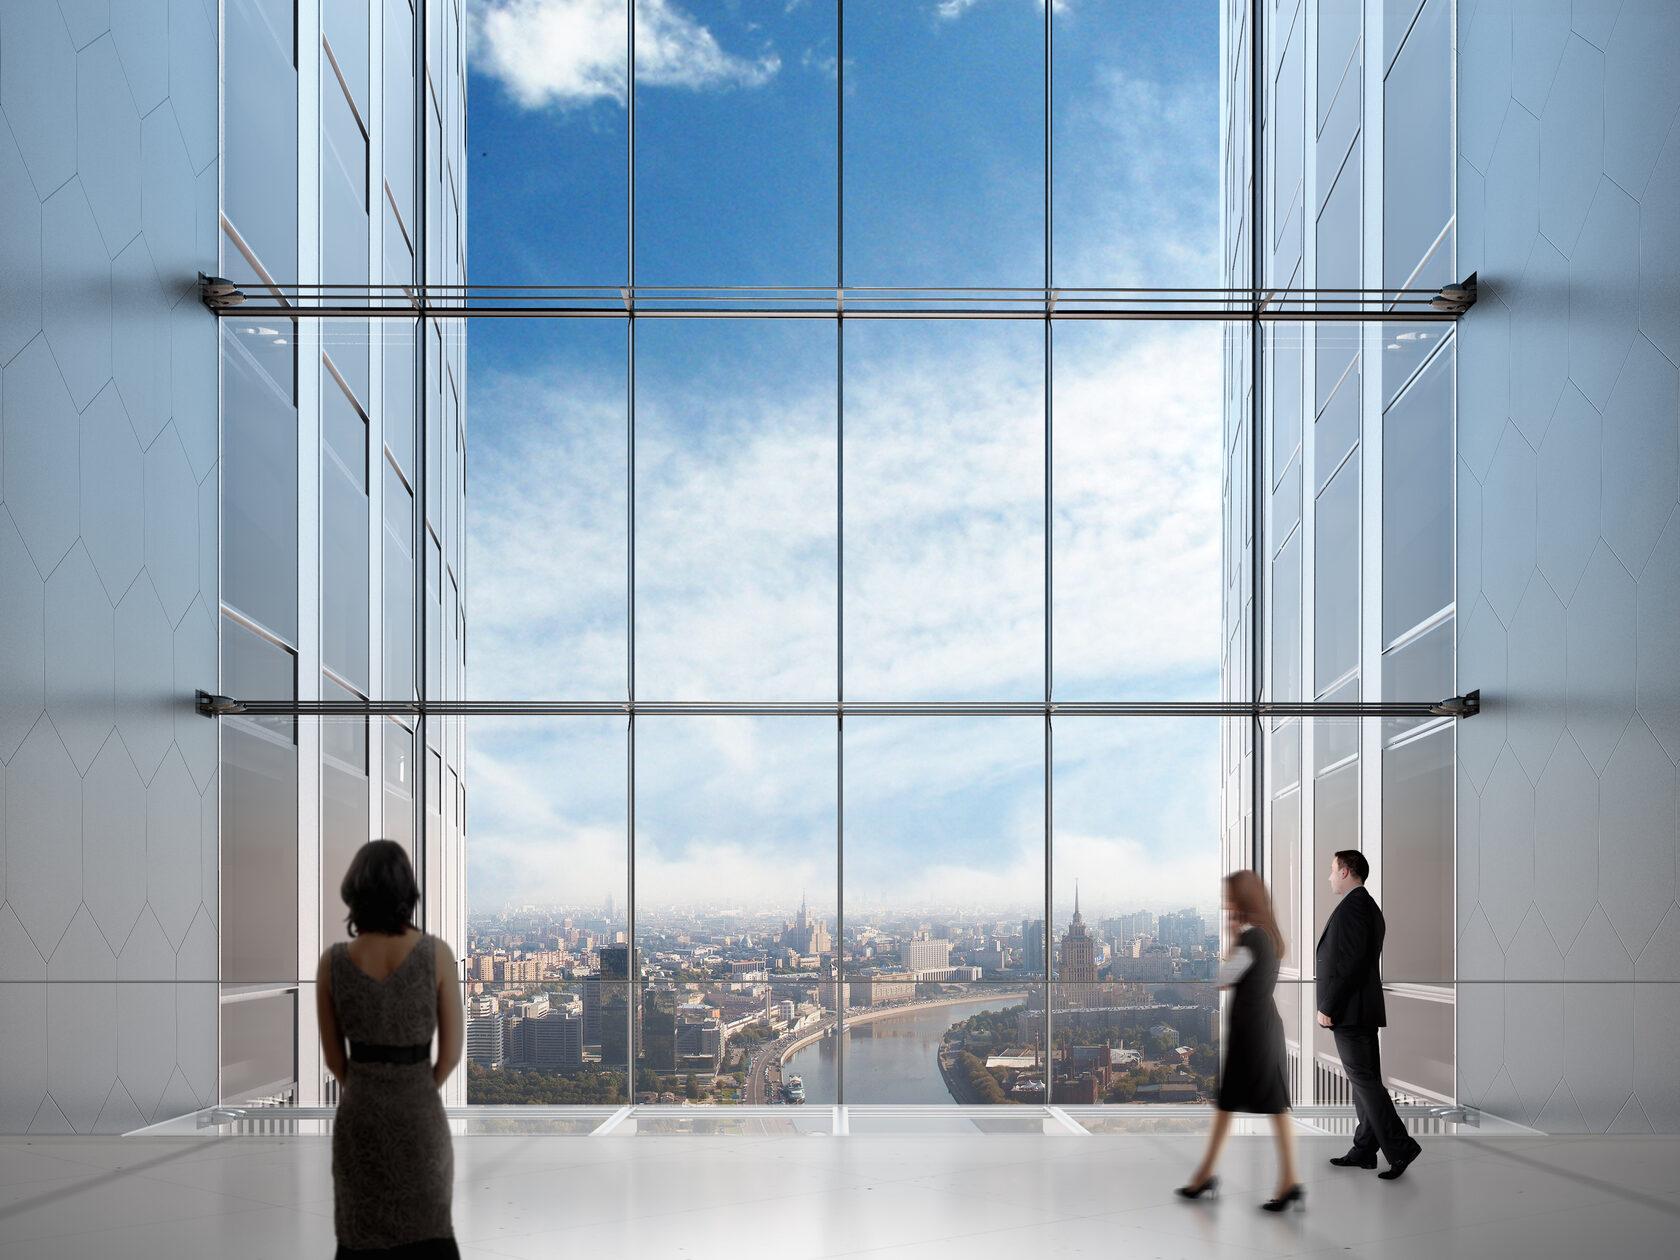 вид из sky lobby 15 участка Москва-Сити